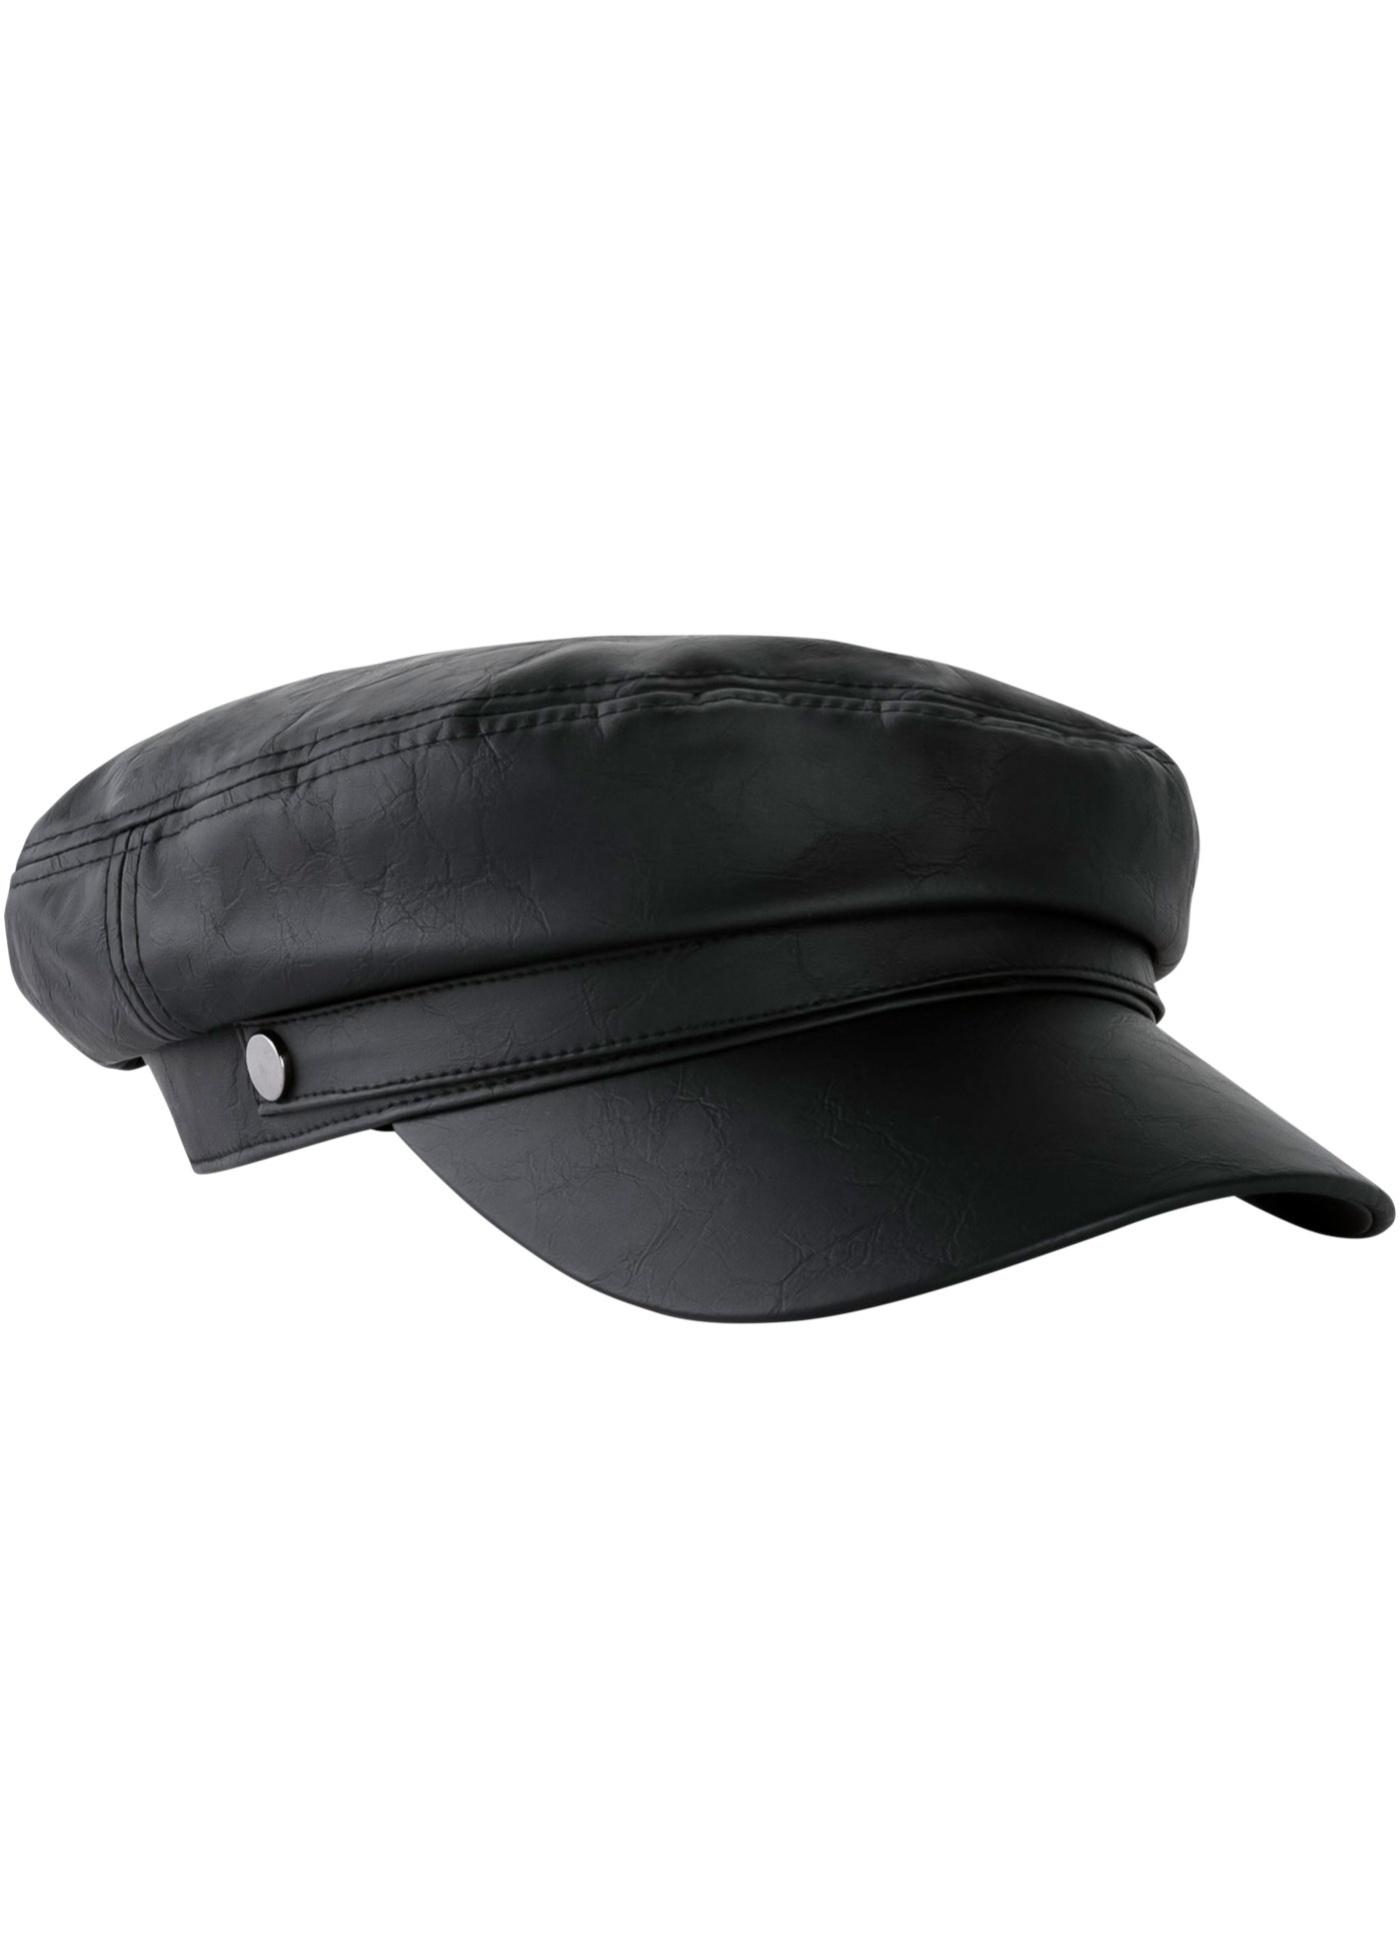 Námořnická čepice - Černá